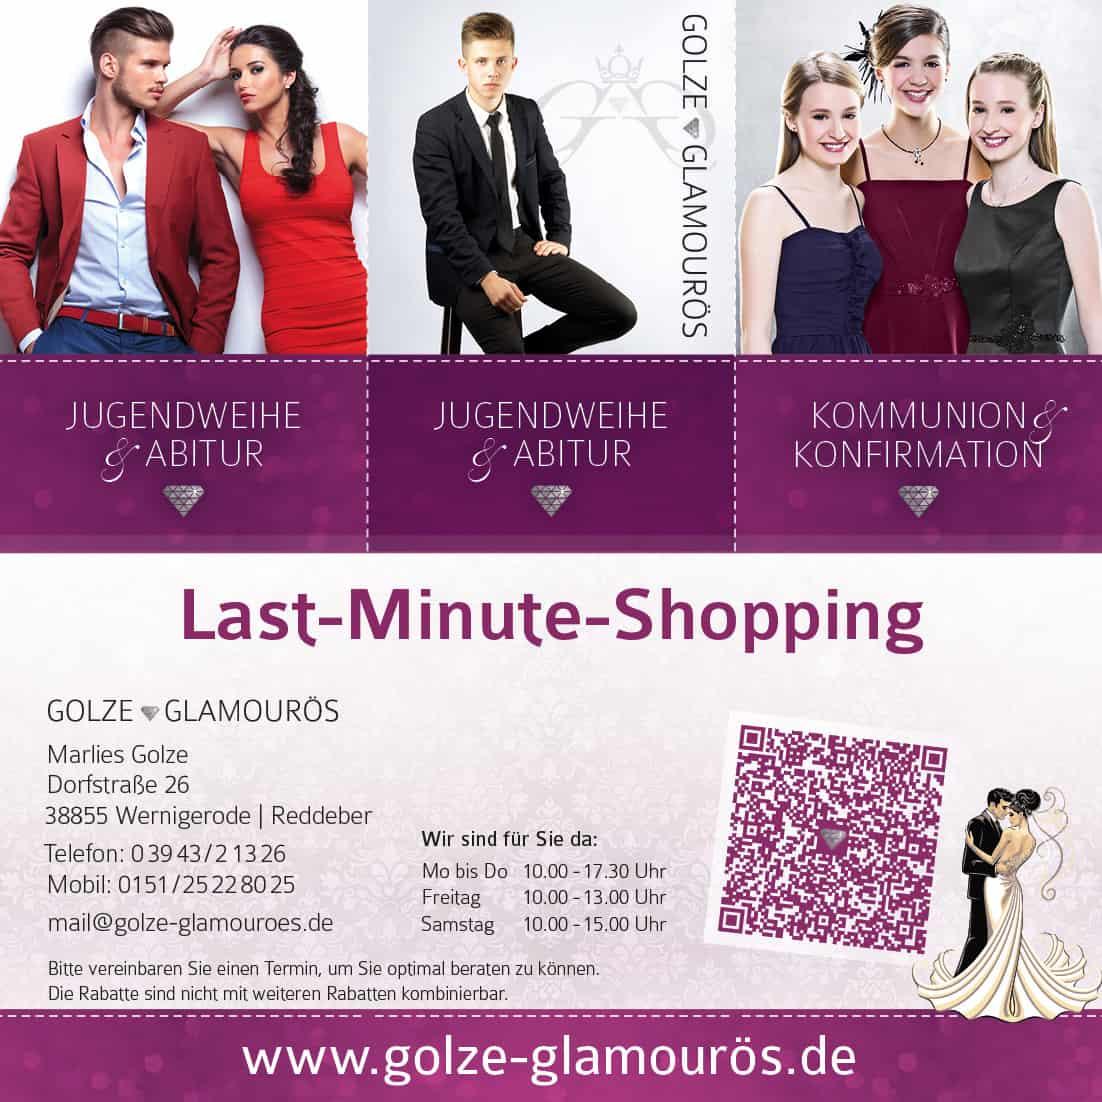 Konfirmation und Jugendweihe - Last-Minute-Shopping